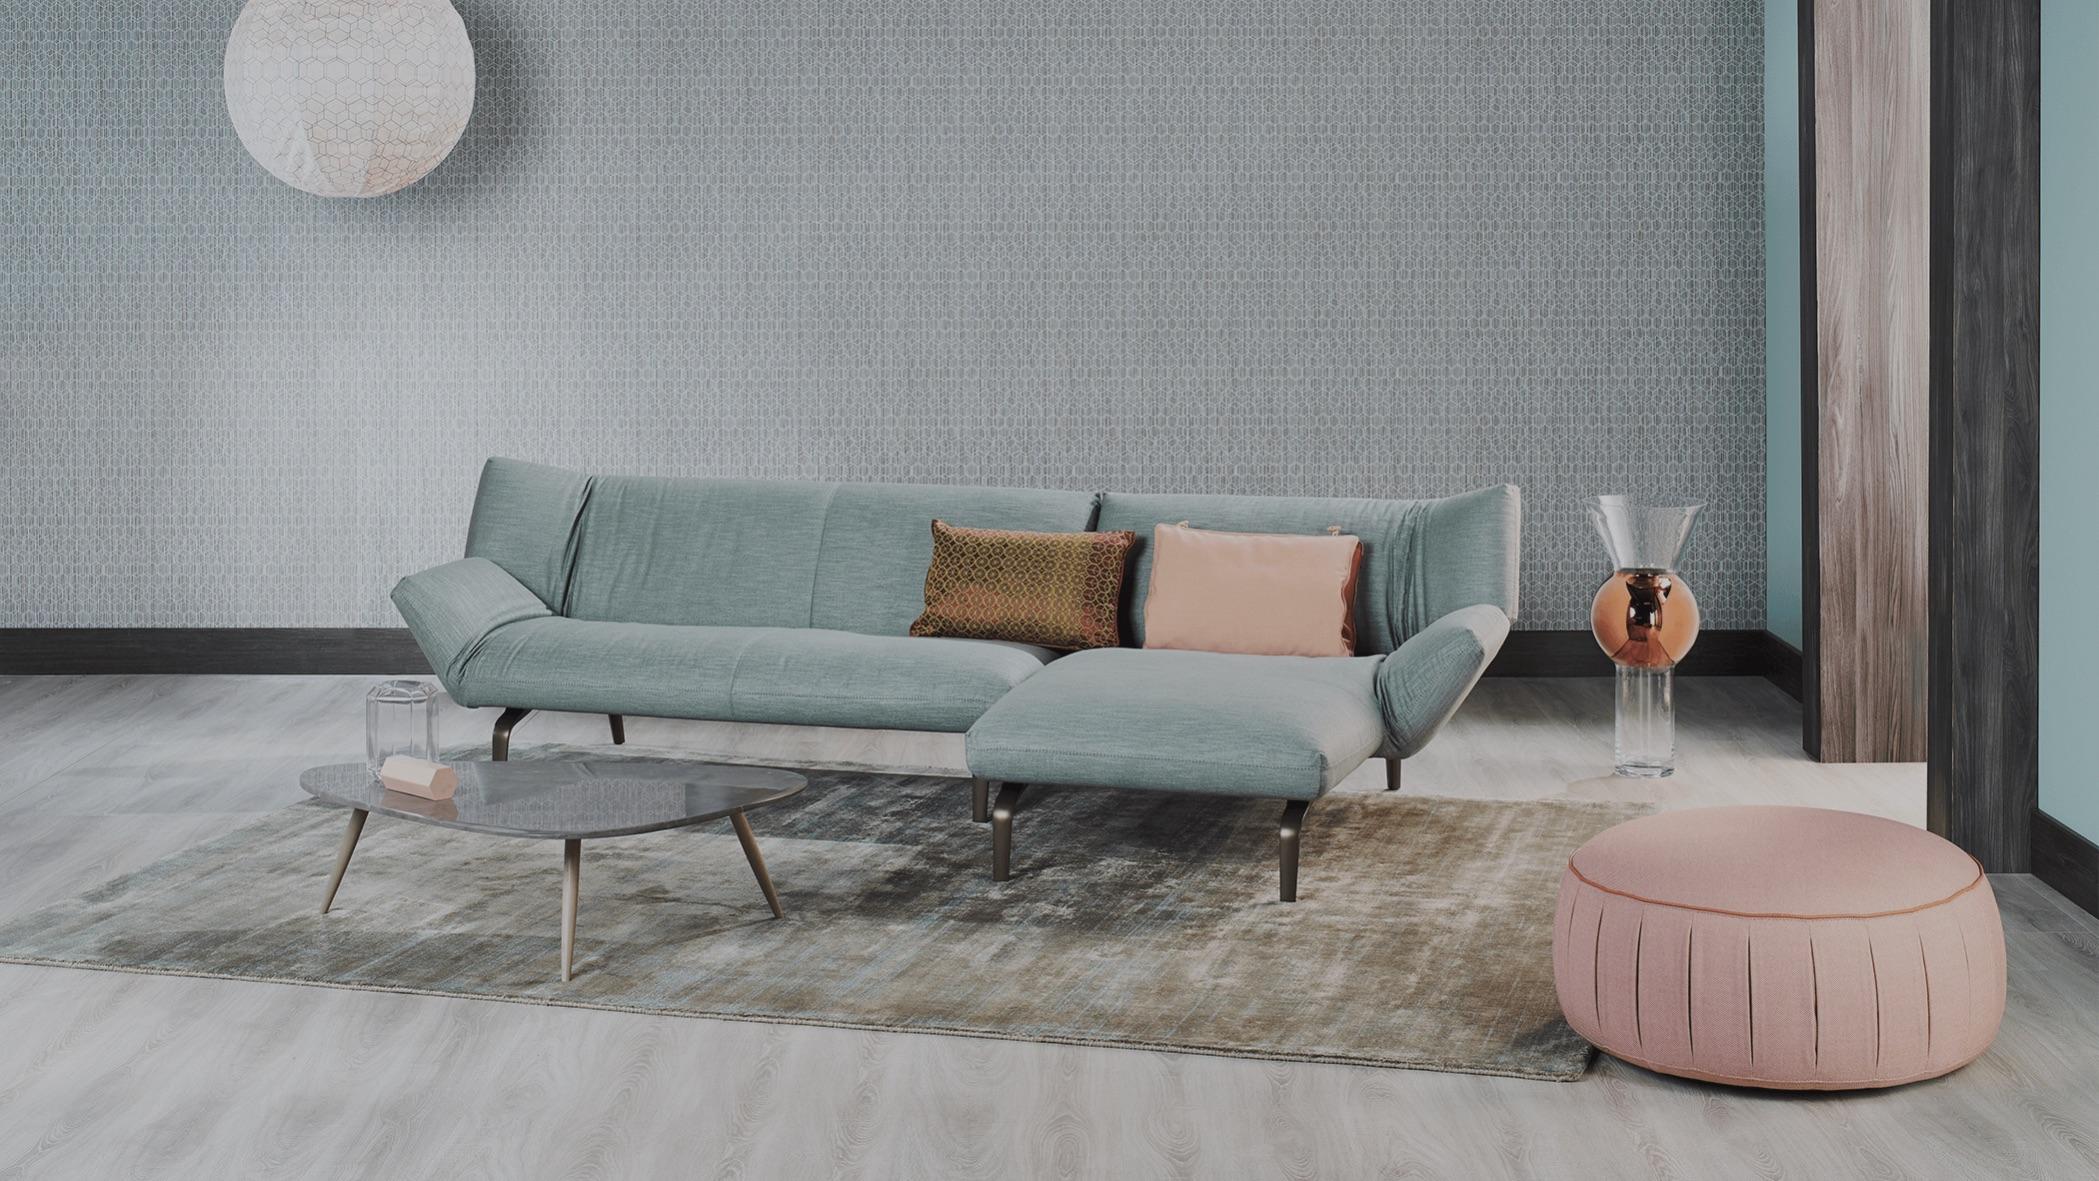 Leolux designmeubelen #leolux #design #designmeubelen #meubelen #interieur